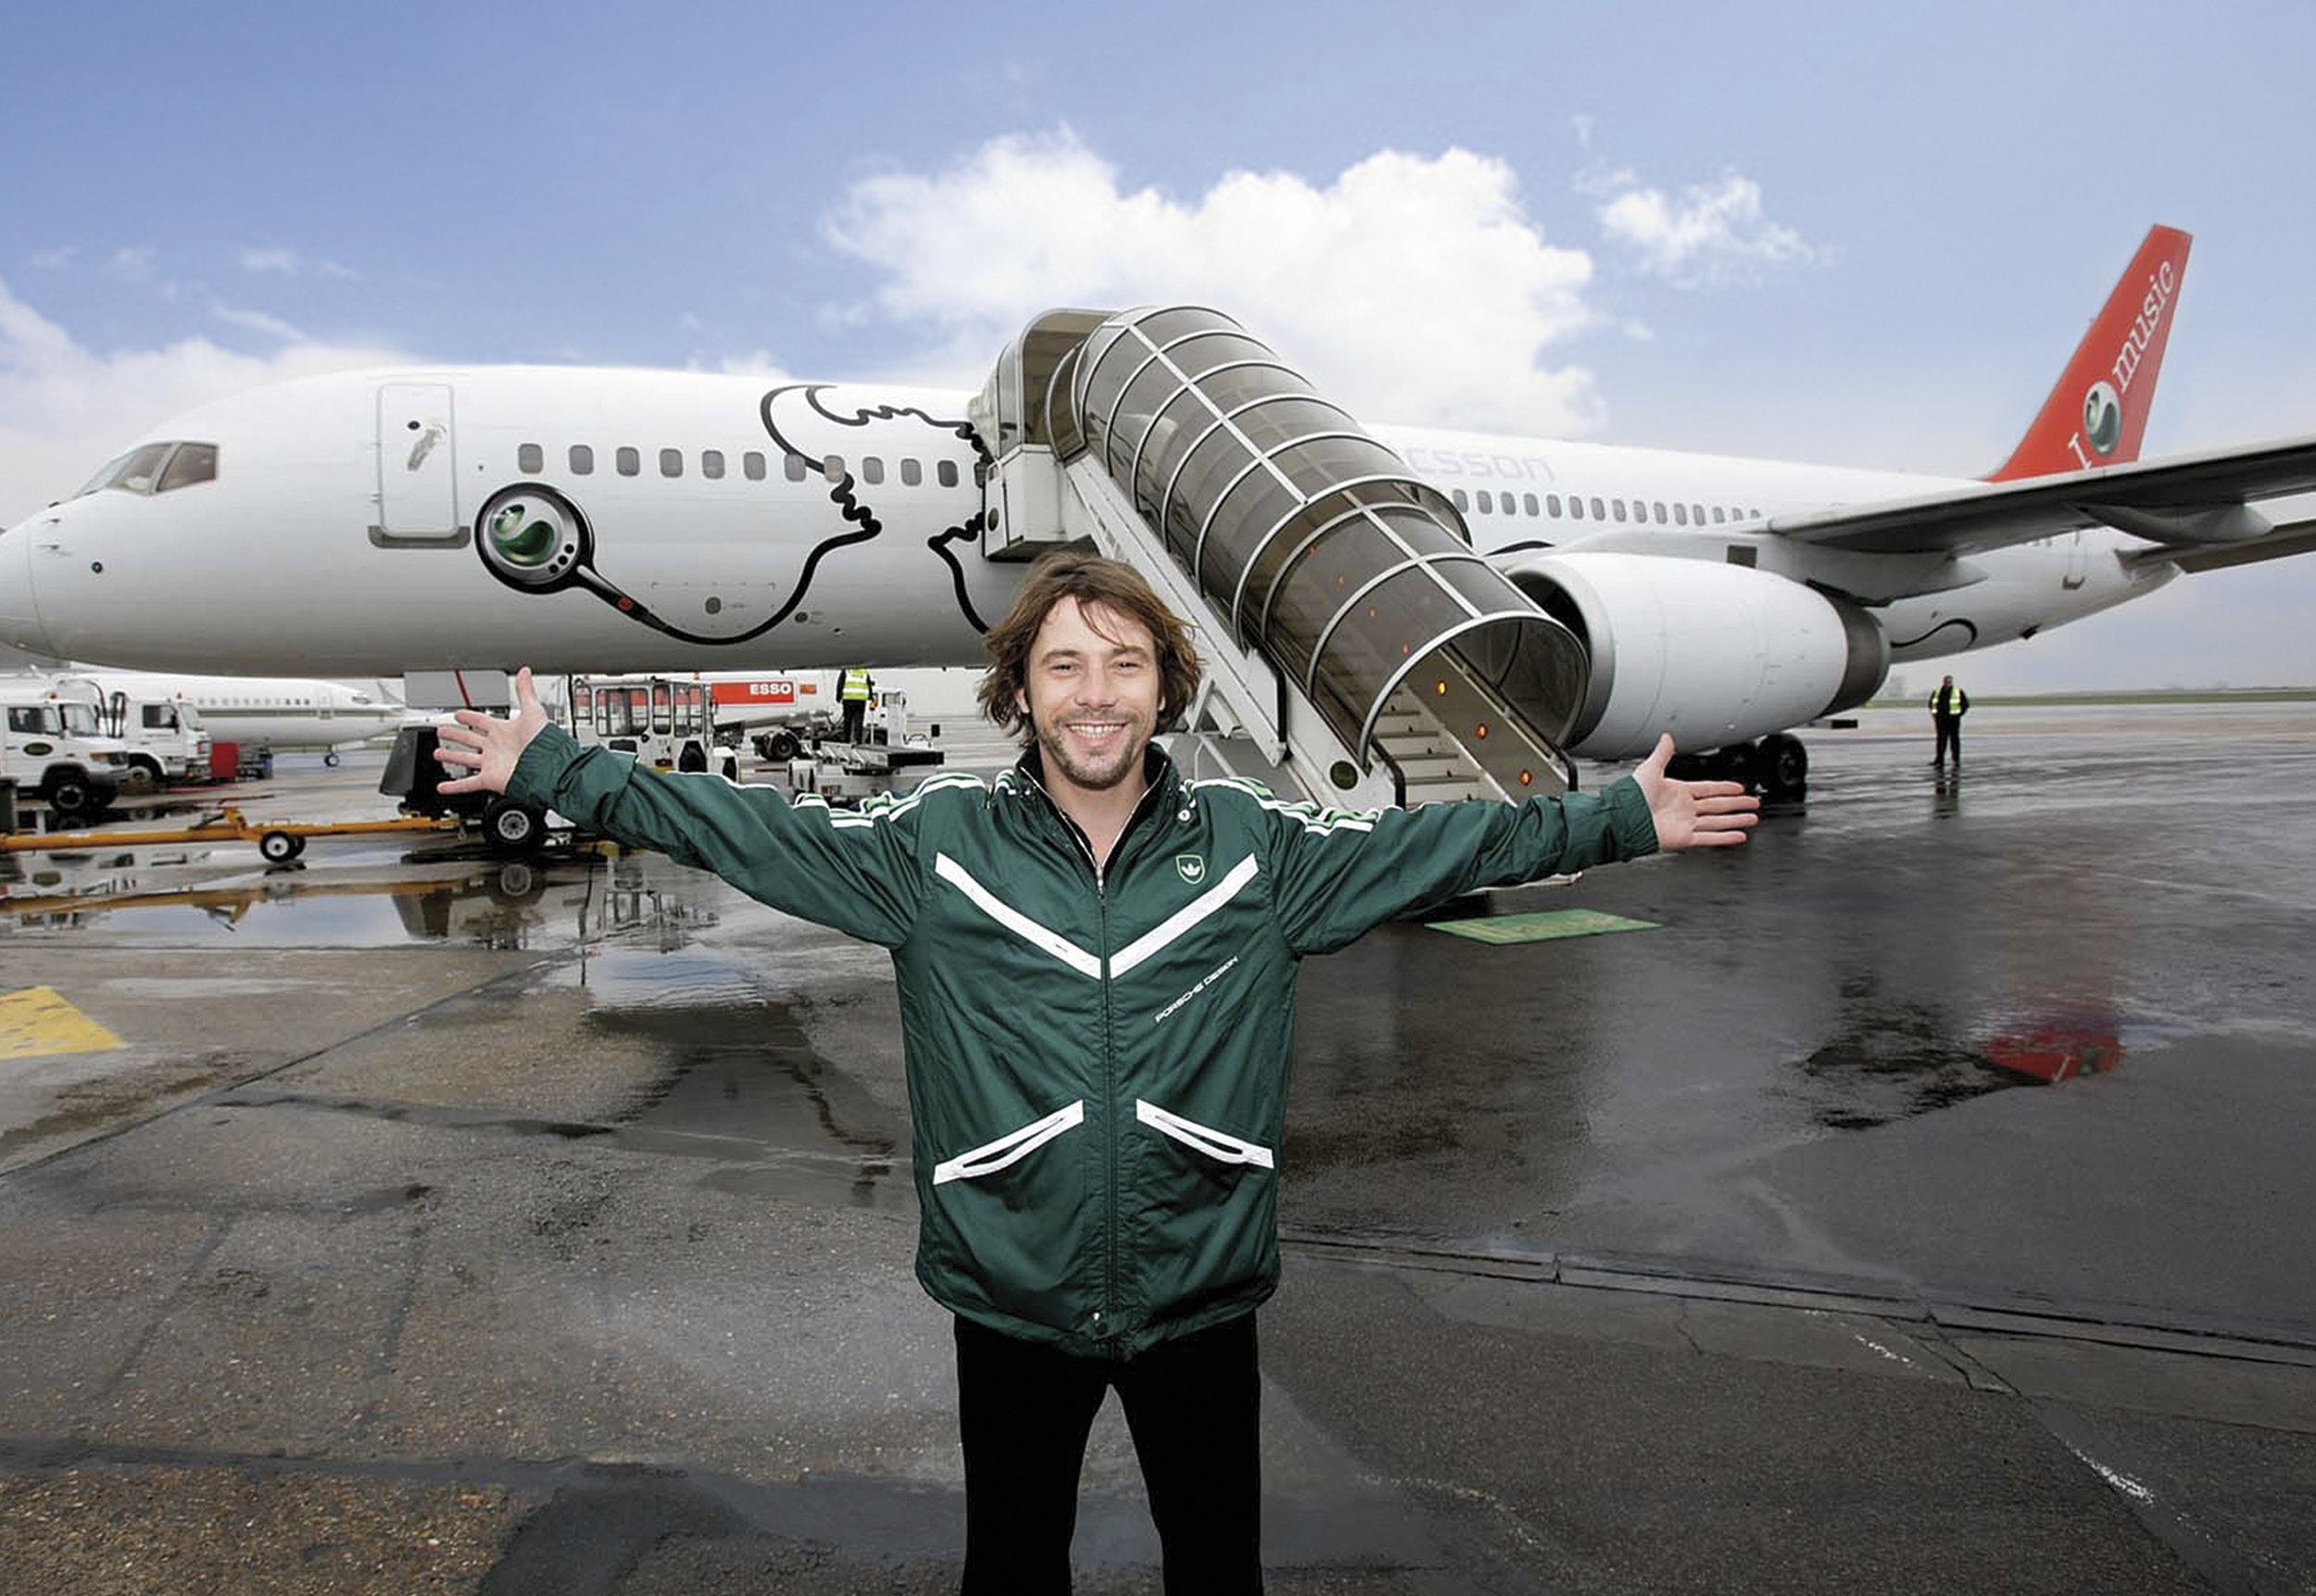 JK & Plane.jpg